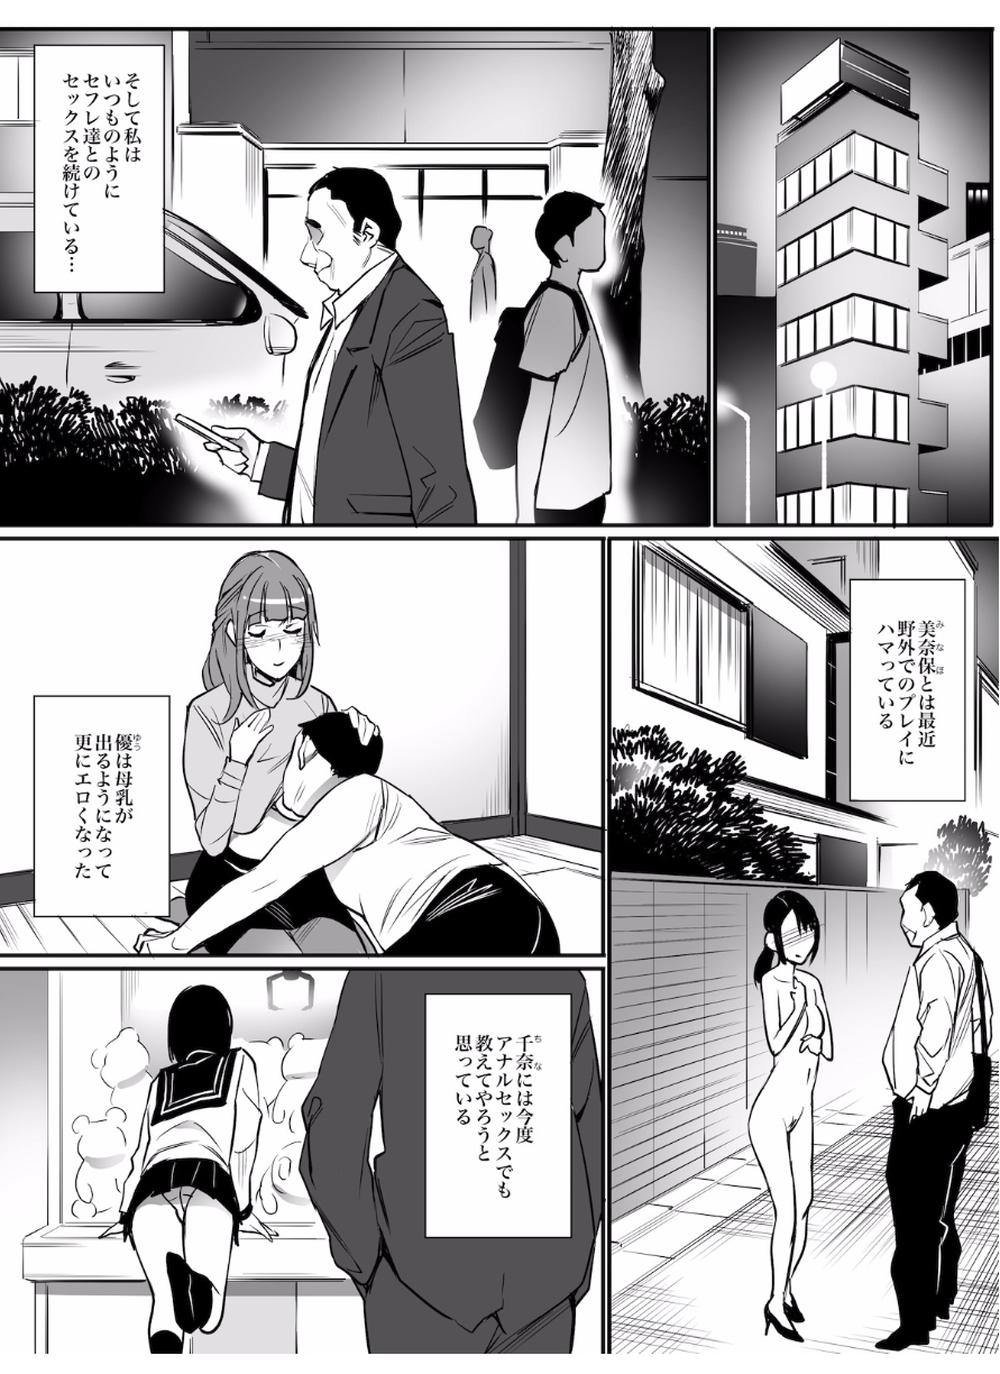 【エロ漫画】専属セフレアプリでOL、人妻、少女とやりたい放題セックスをする中年男w【無料 エロ同人誌】 (31)